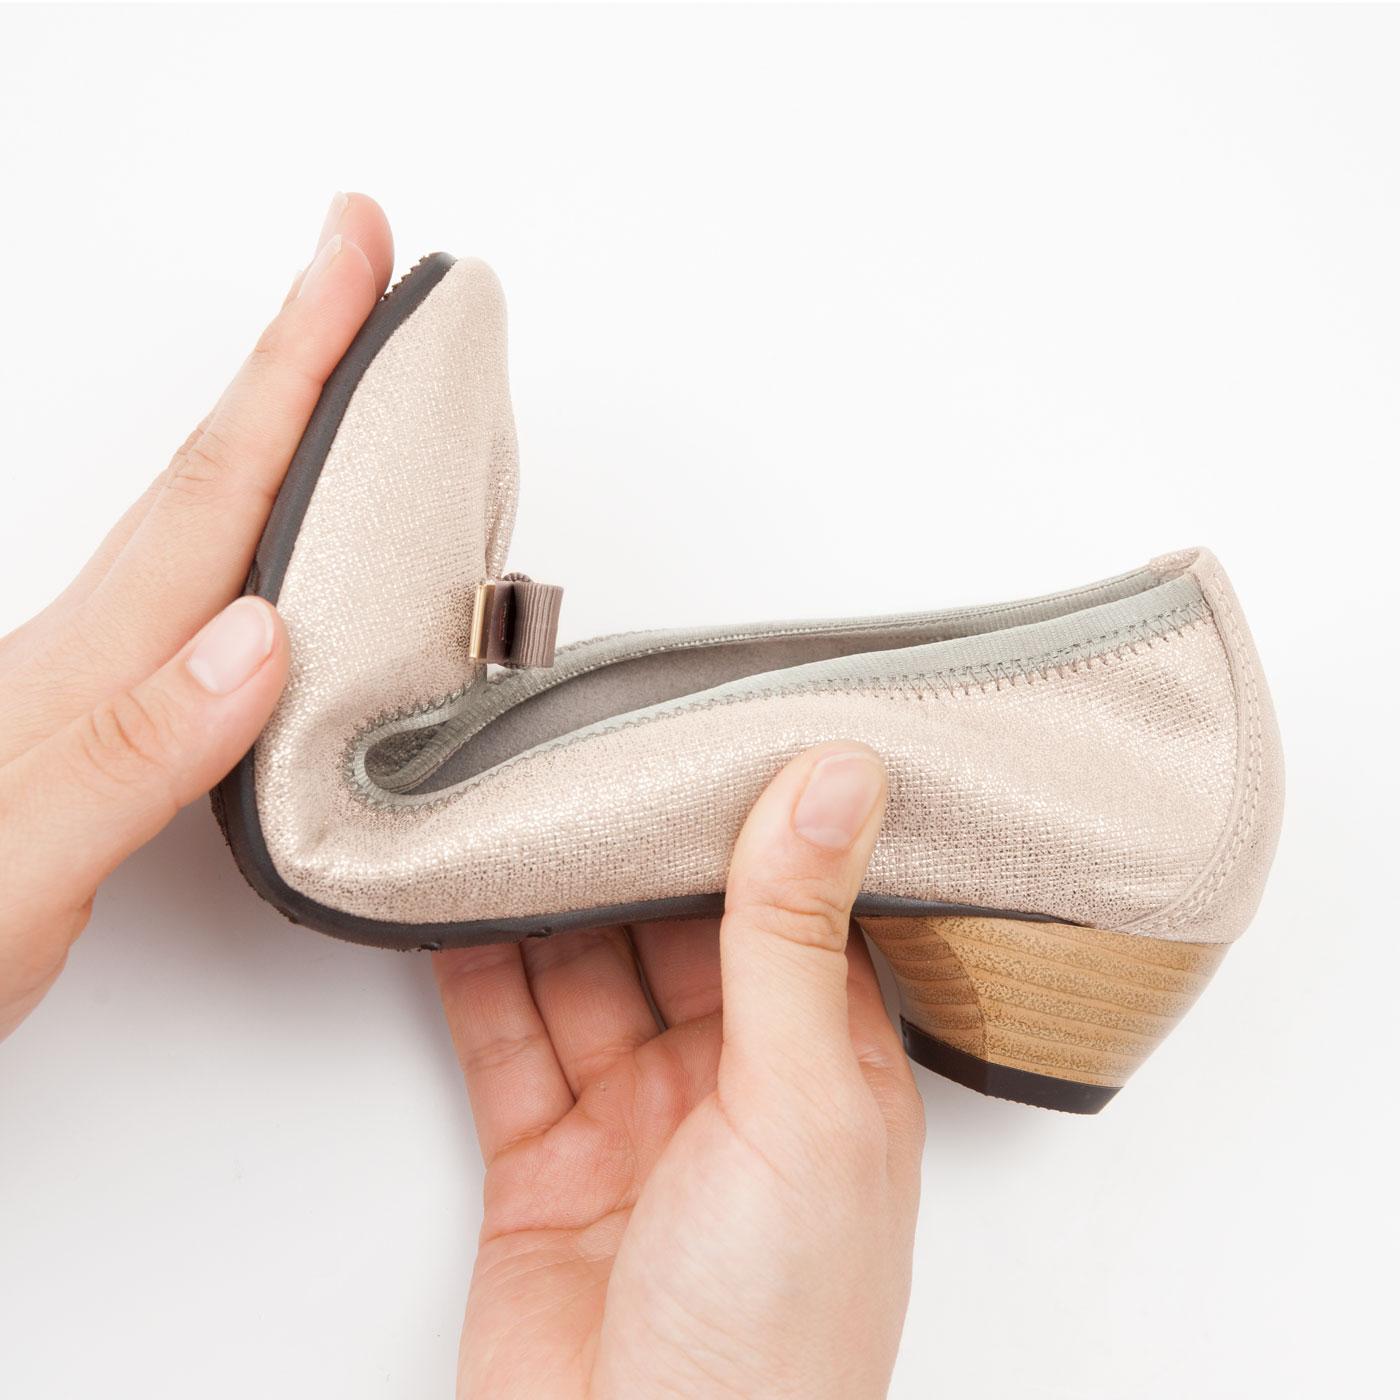 やわらかな超屈曲仕様のクレープ底が快適な歩行をサポート。クッション性のある底材で、歩行の衝撃を吸収します。コツコツ音がしにくい消音ヒール。蹴り出しやすい前上がりのつま先仕様で、歩きやすく疲れにくい。